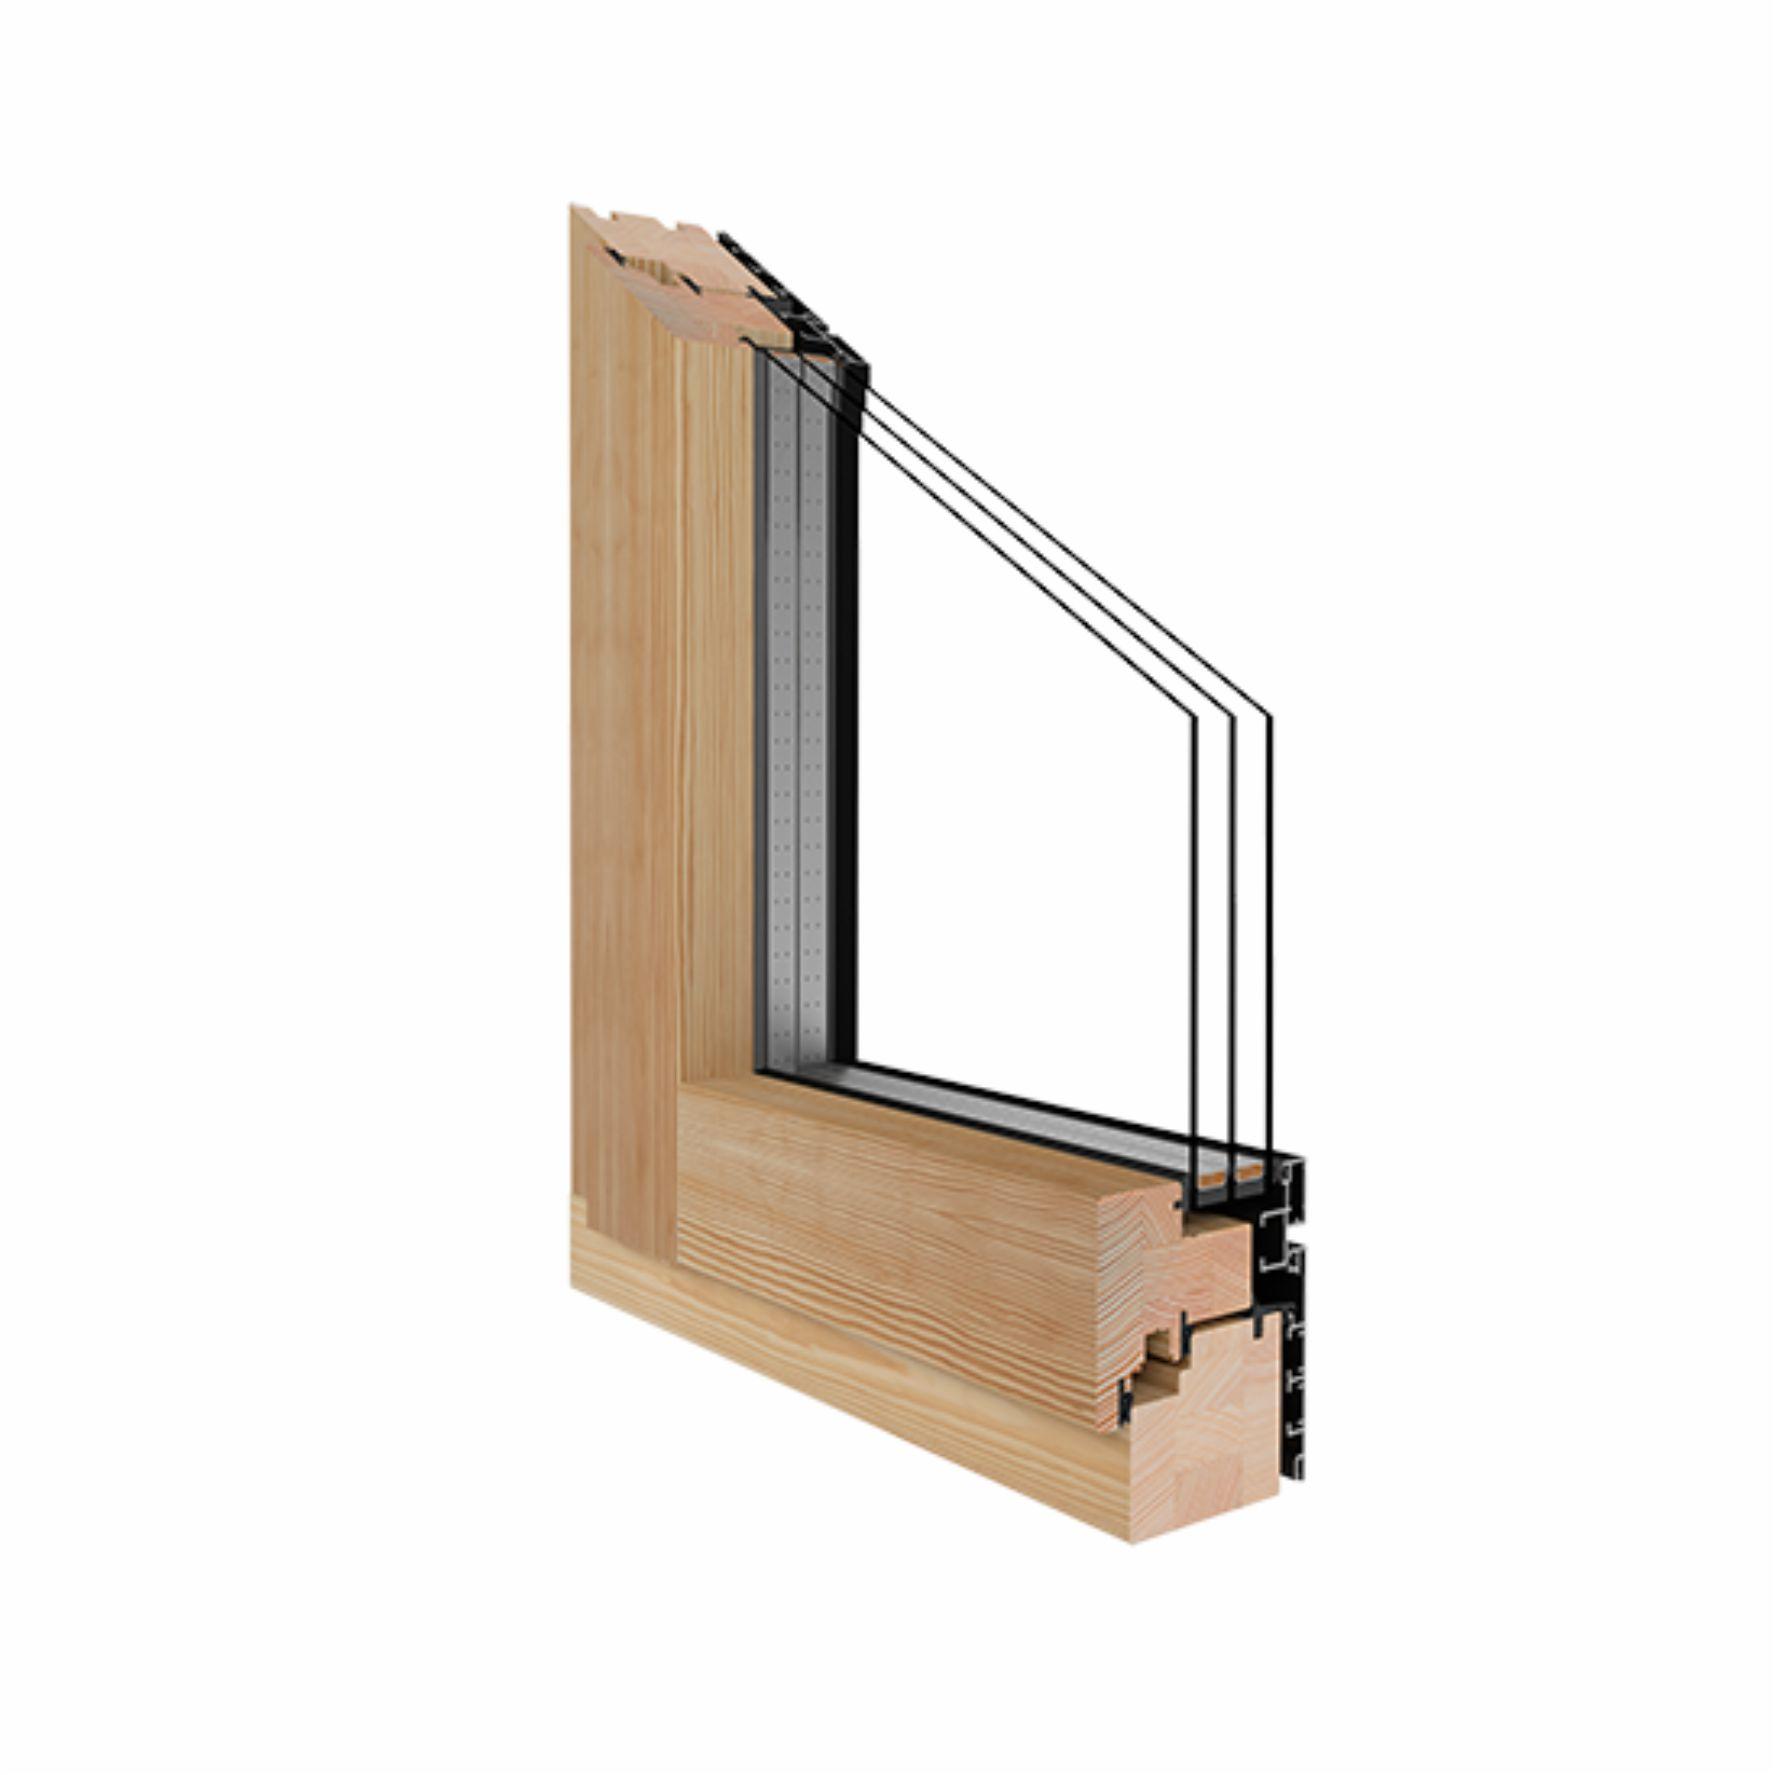 Full Size of Drutex Erfahrungen Forum Drutefenster In Polen Kaufen Einbauen Lassen Holz Alu Fenster Test Wohnzimmer Drutex Erfahrungen Forum